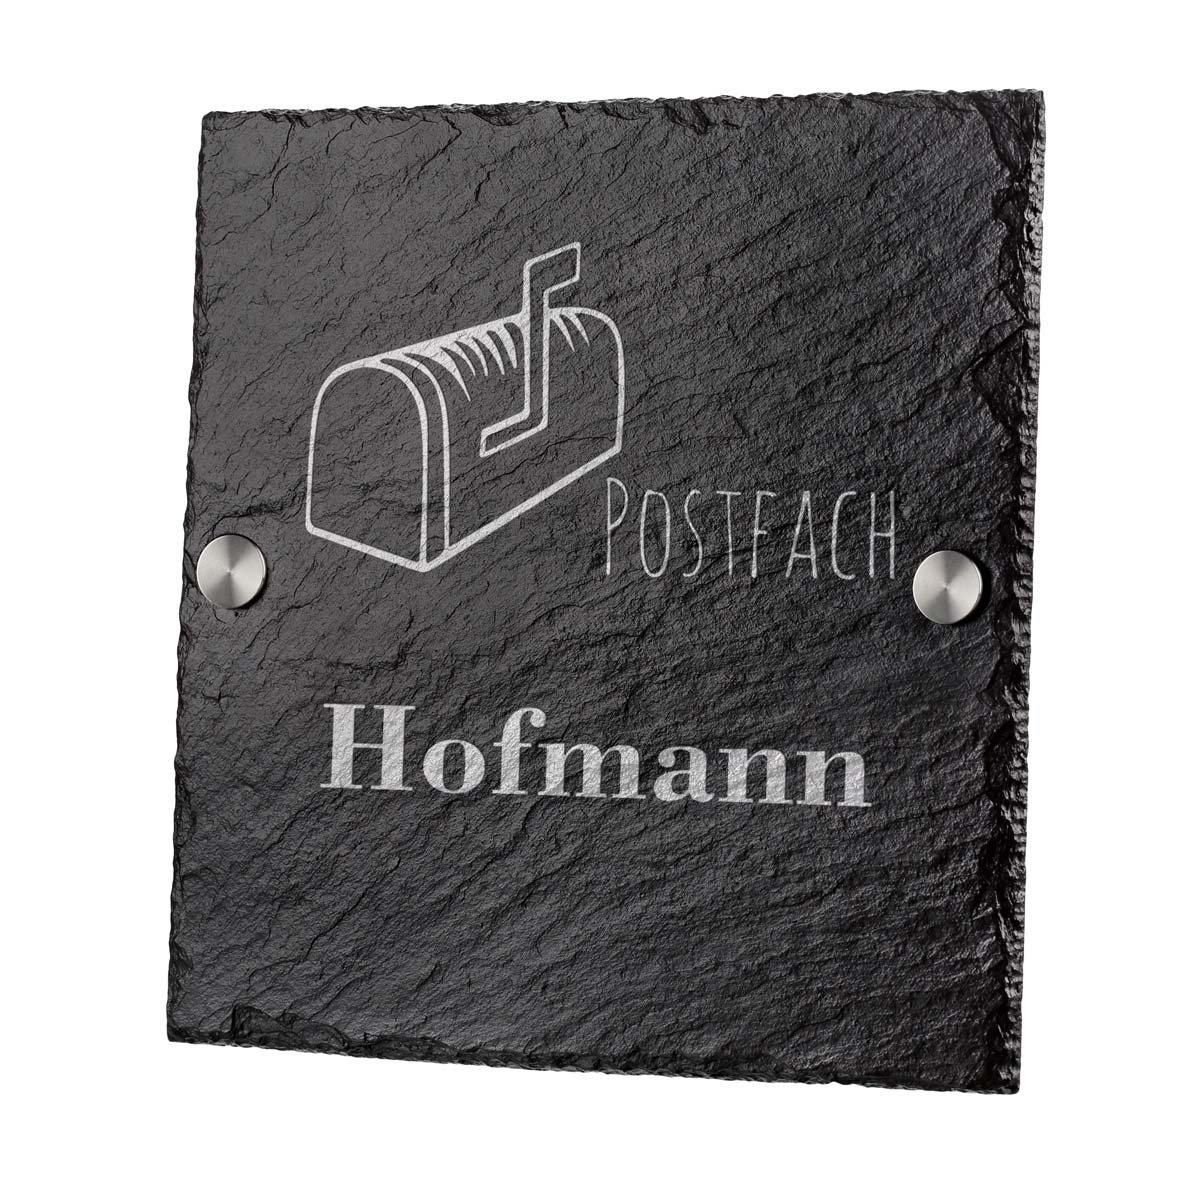 Namensschild Schieferplatte 20x20cm Hausnummerschild mit Gravur Schiefertafel Geschenk zum Einzug polar-effekt Personalisiertes T/ürschild mit Familien Name Motiv Herzen mit Namen